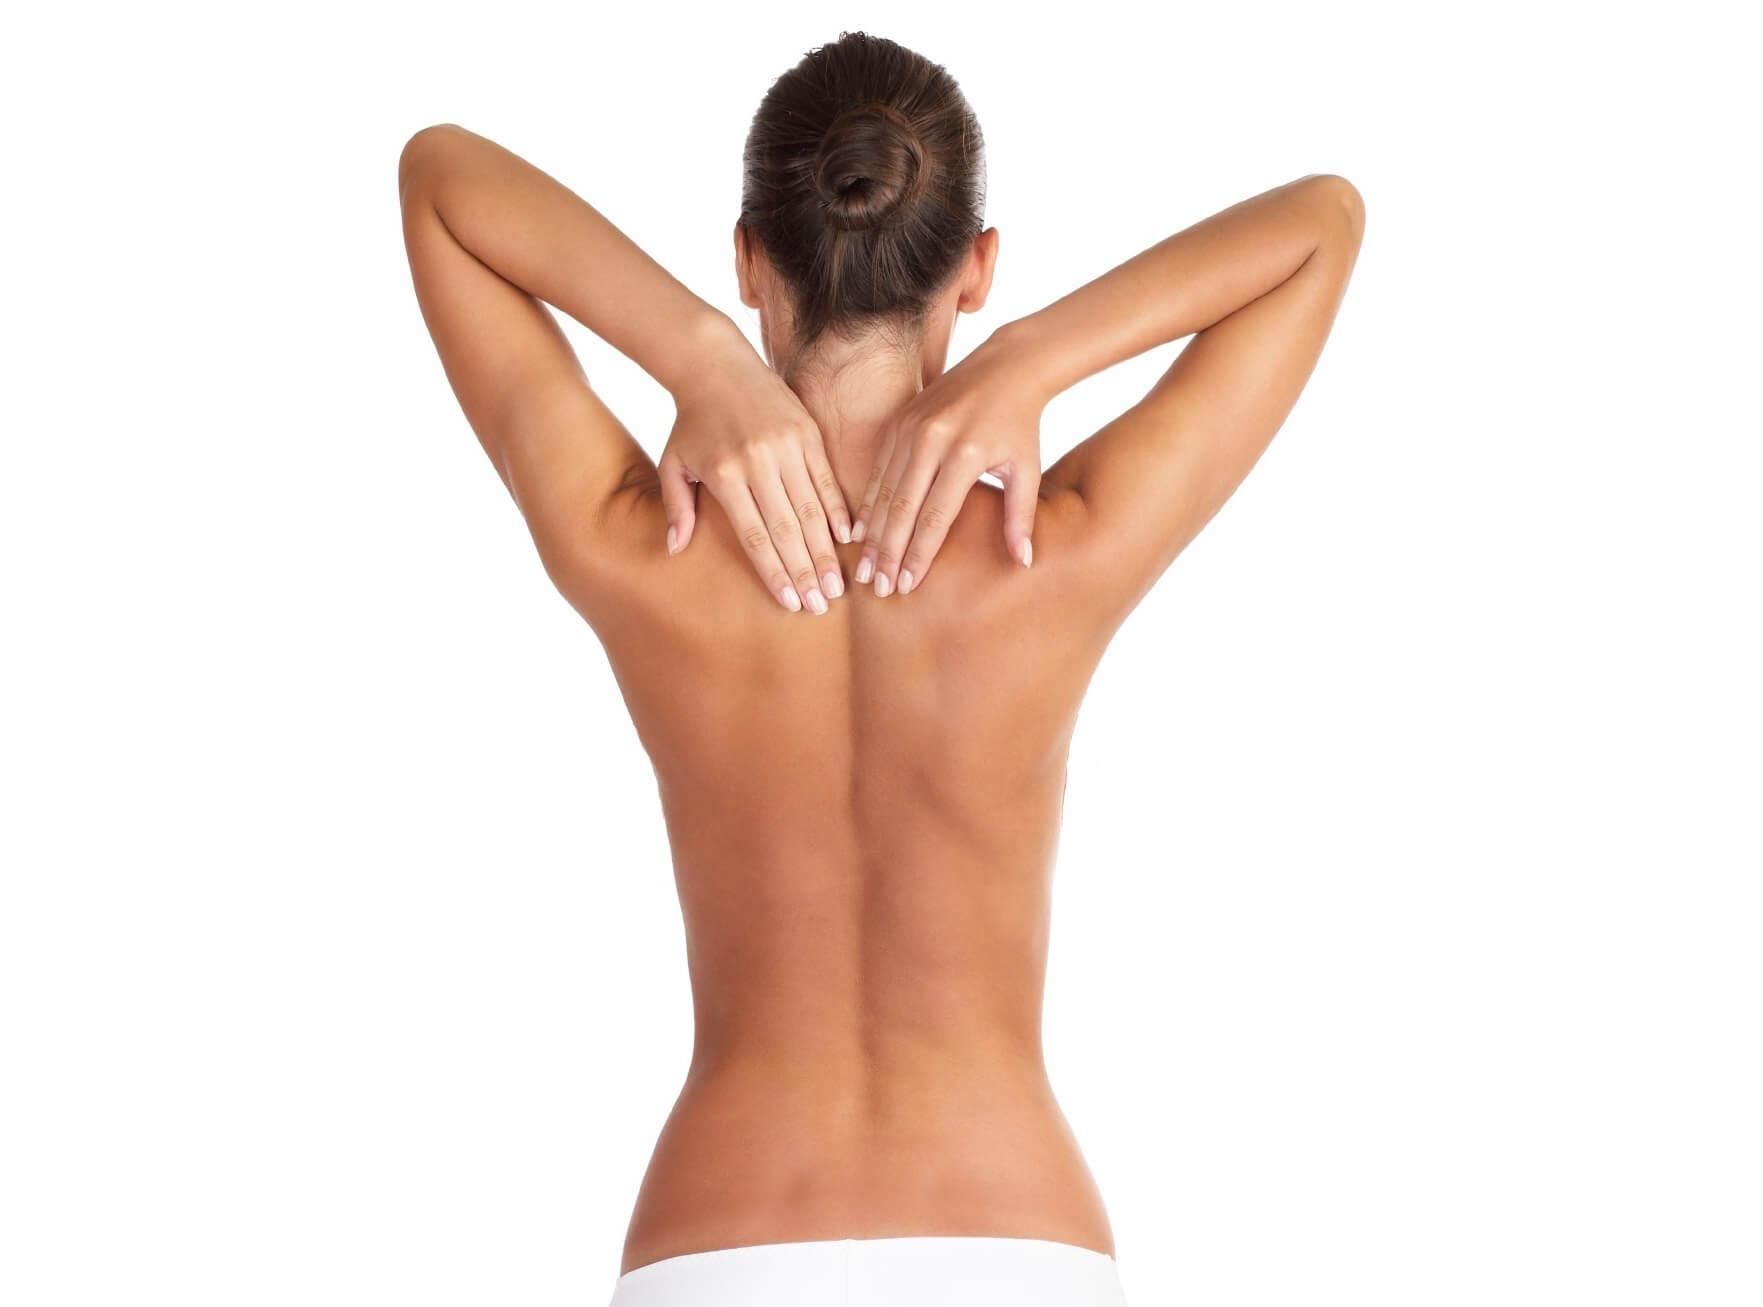 основы лечения шейного остеохондроза